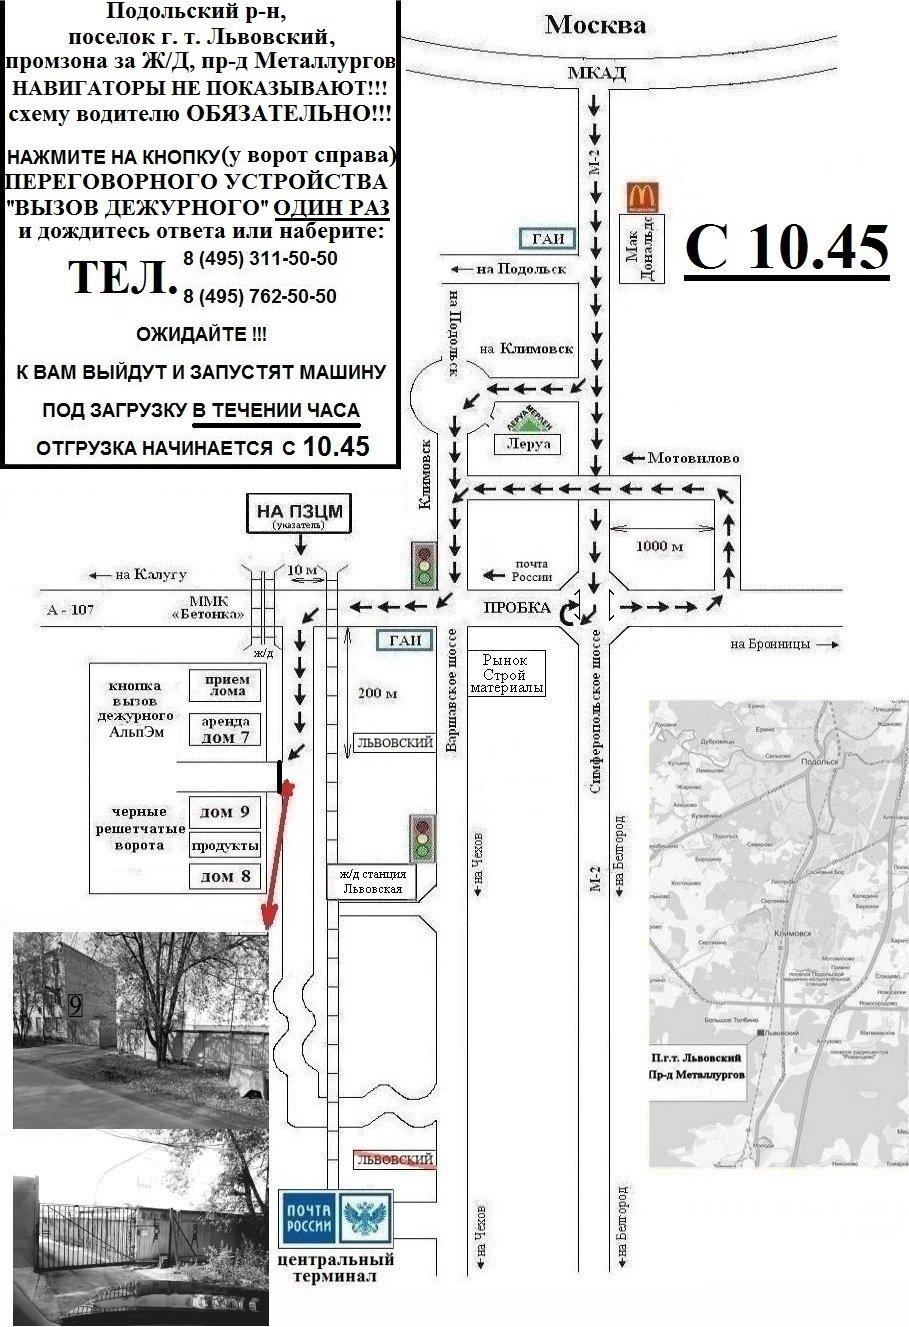 Схема проезда на завод